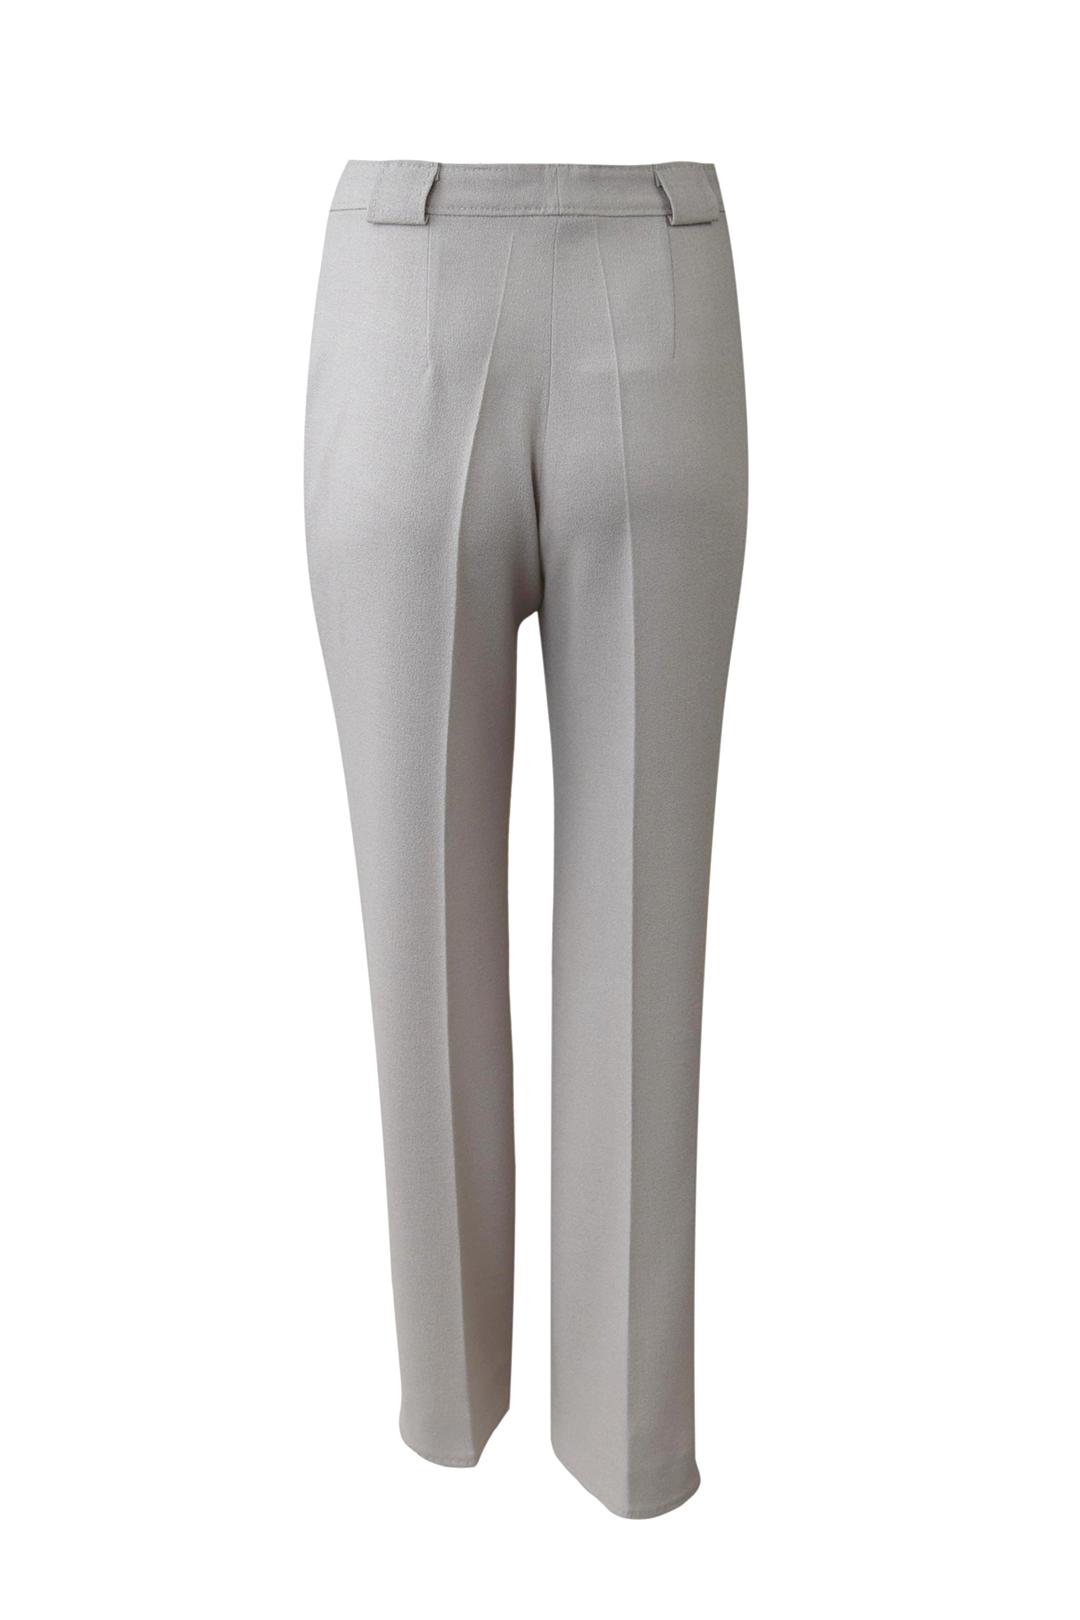 Hose mit Taschen und Bündchen, extra breiten Gürtelschaufen, Elastikgeorgette